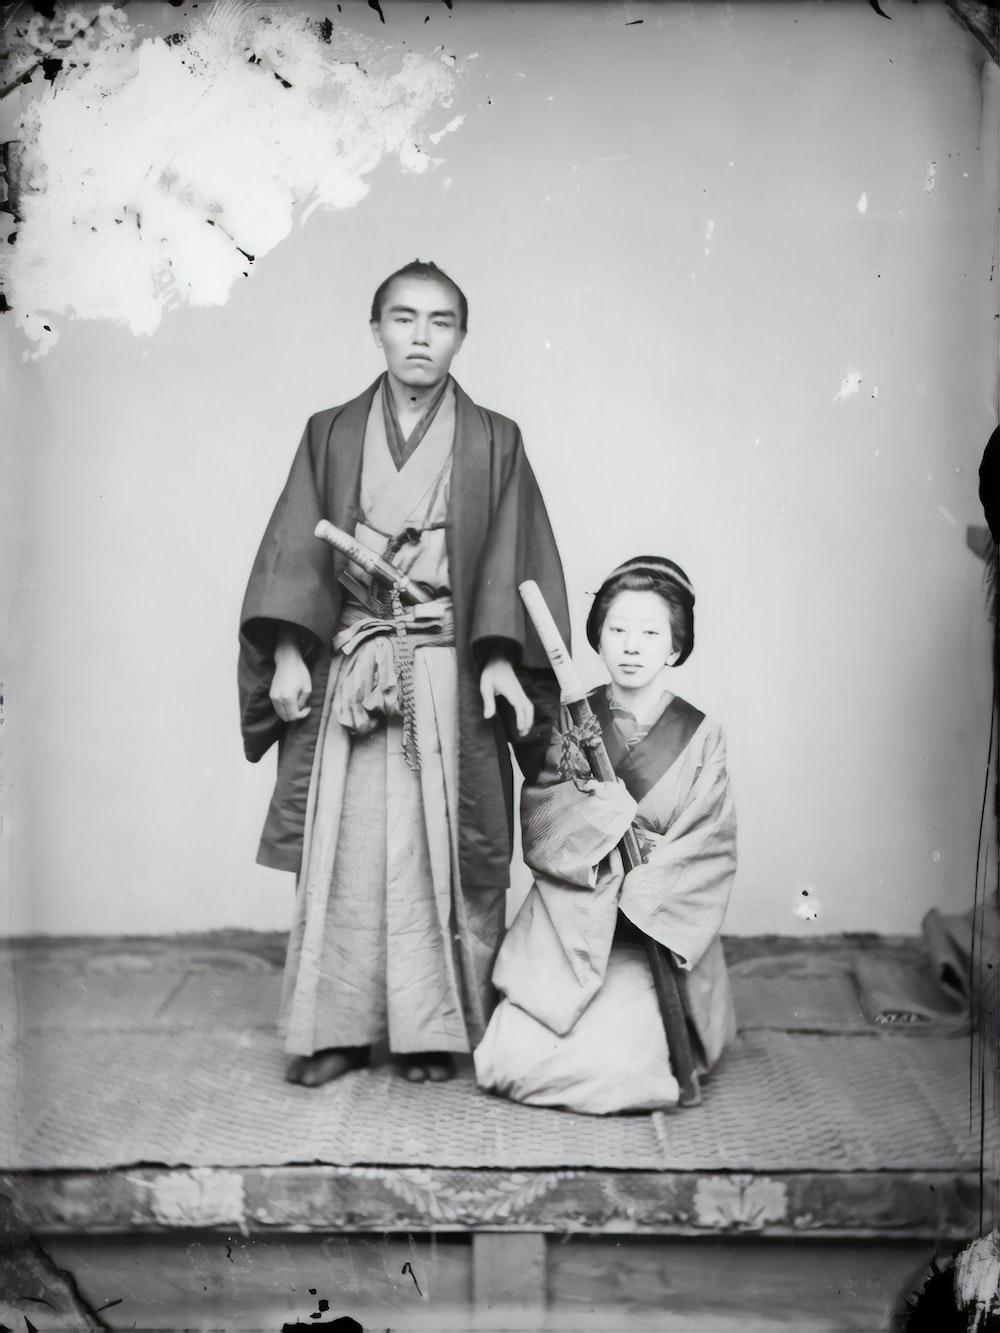 woman in kimono standing beside boy in thobe